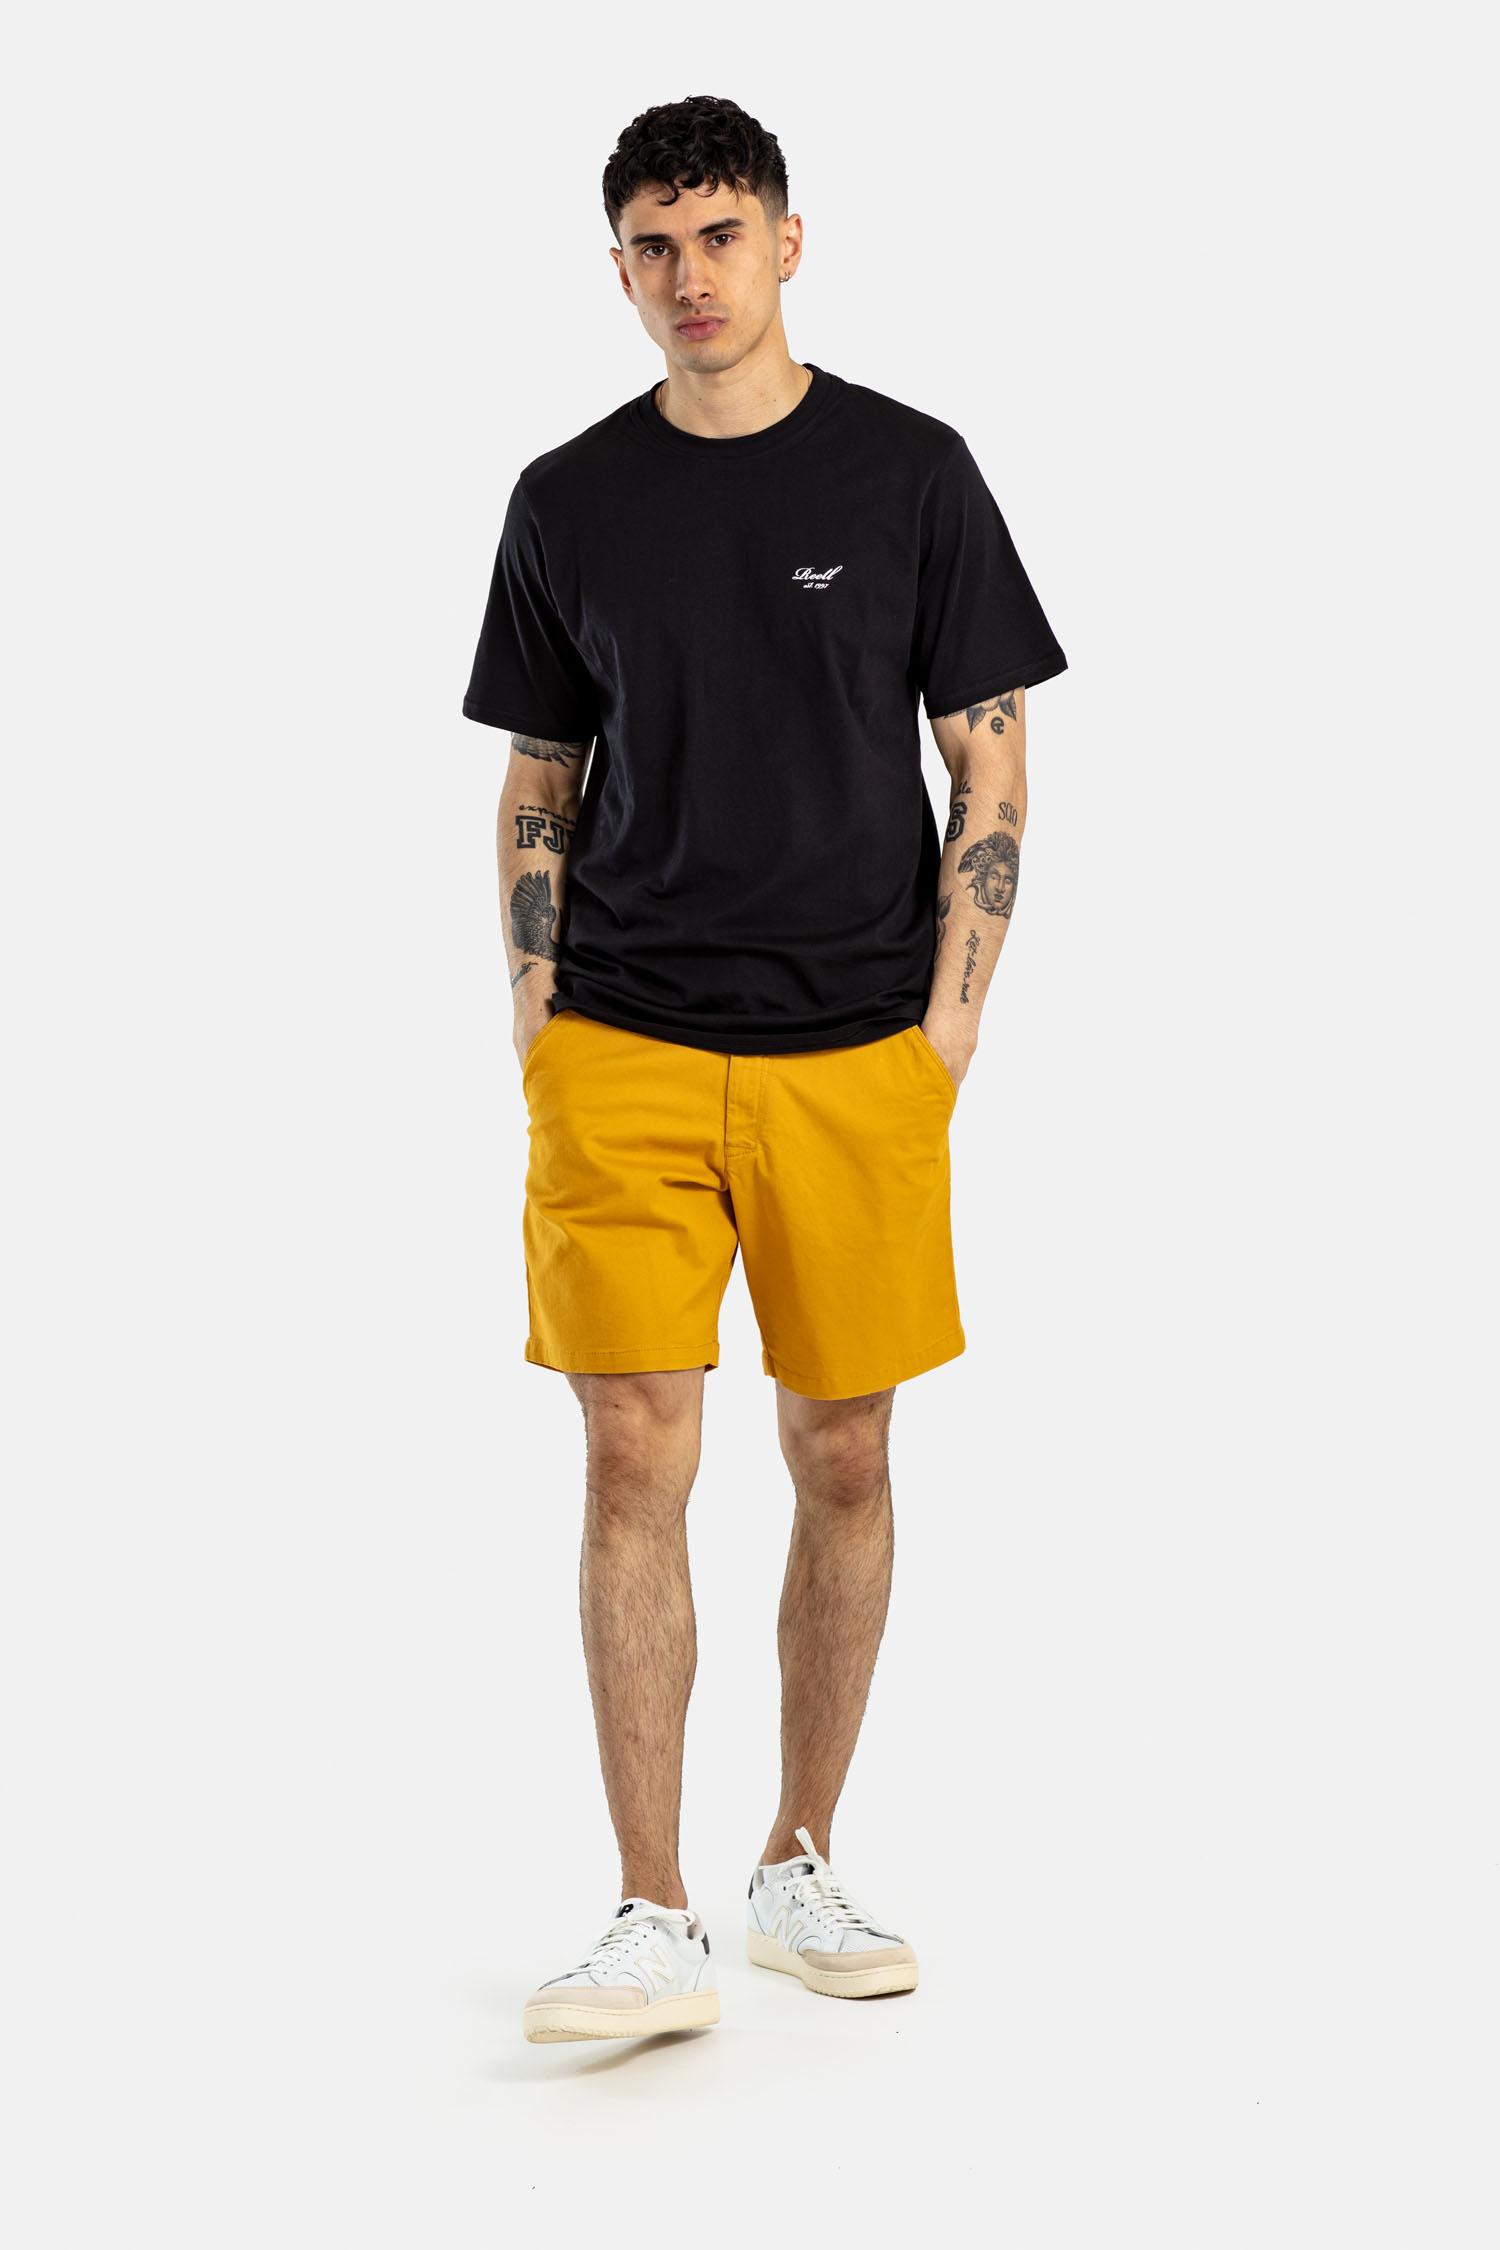 REELL-FLEX-CHINO-Short-mustard-yellow